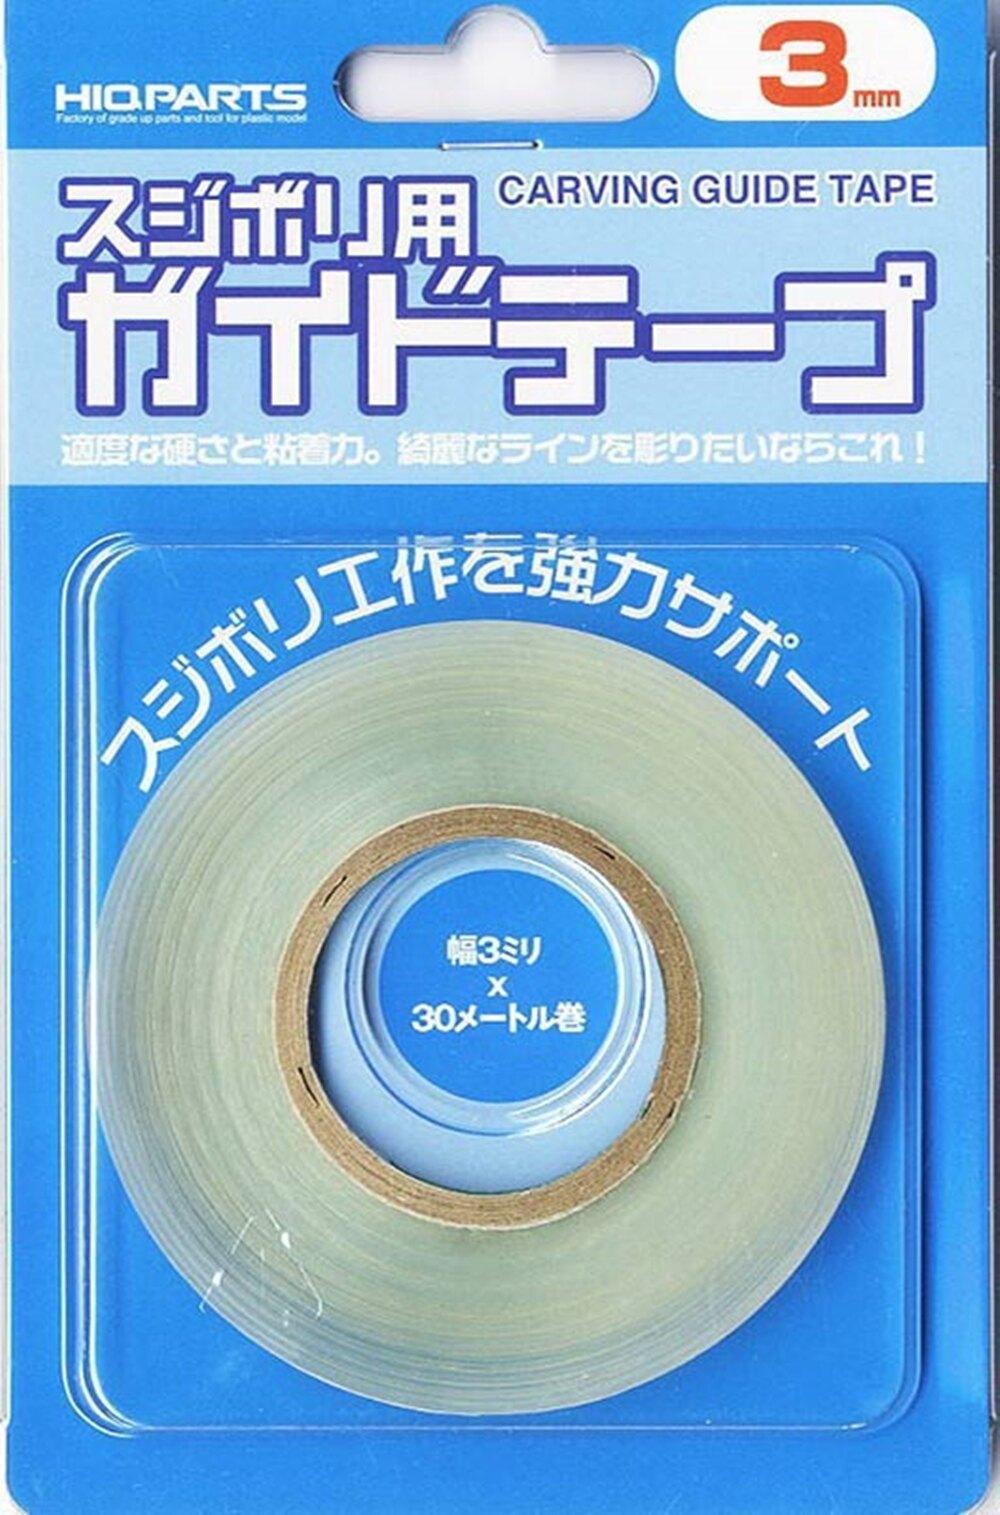 又敗家@日本Hiqparts硬邊膠帶寬3mm刻線膠帶 硬膠帶 透明厚膠帶 模型膠帶 畫線膠帶 硬邊膠布 刻線膠布 硬膠布 厚膠布 模型膠布